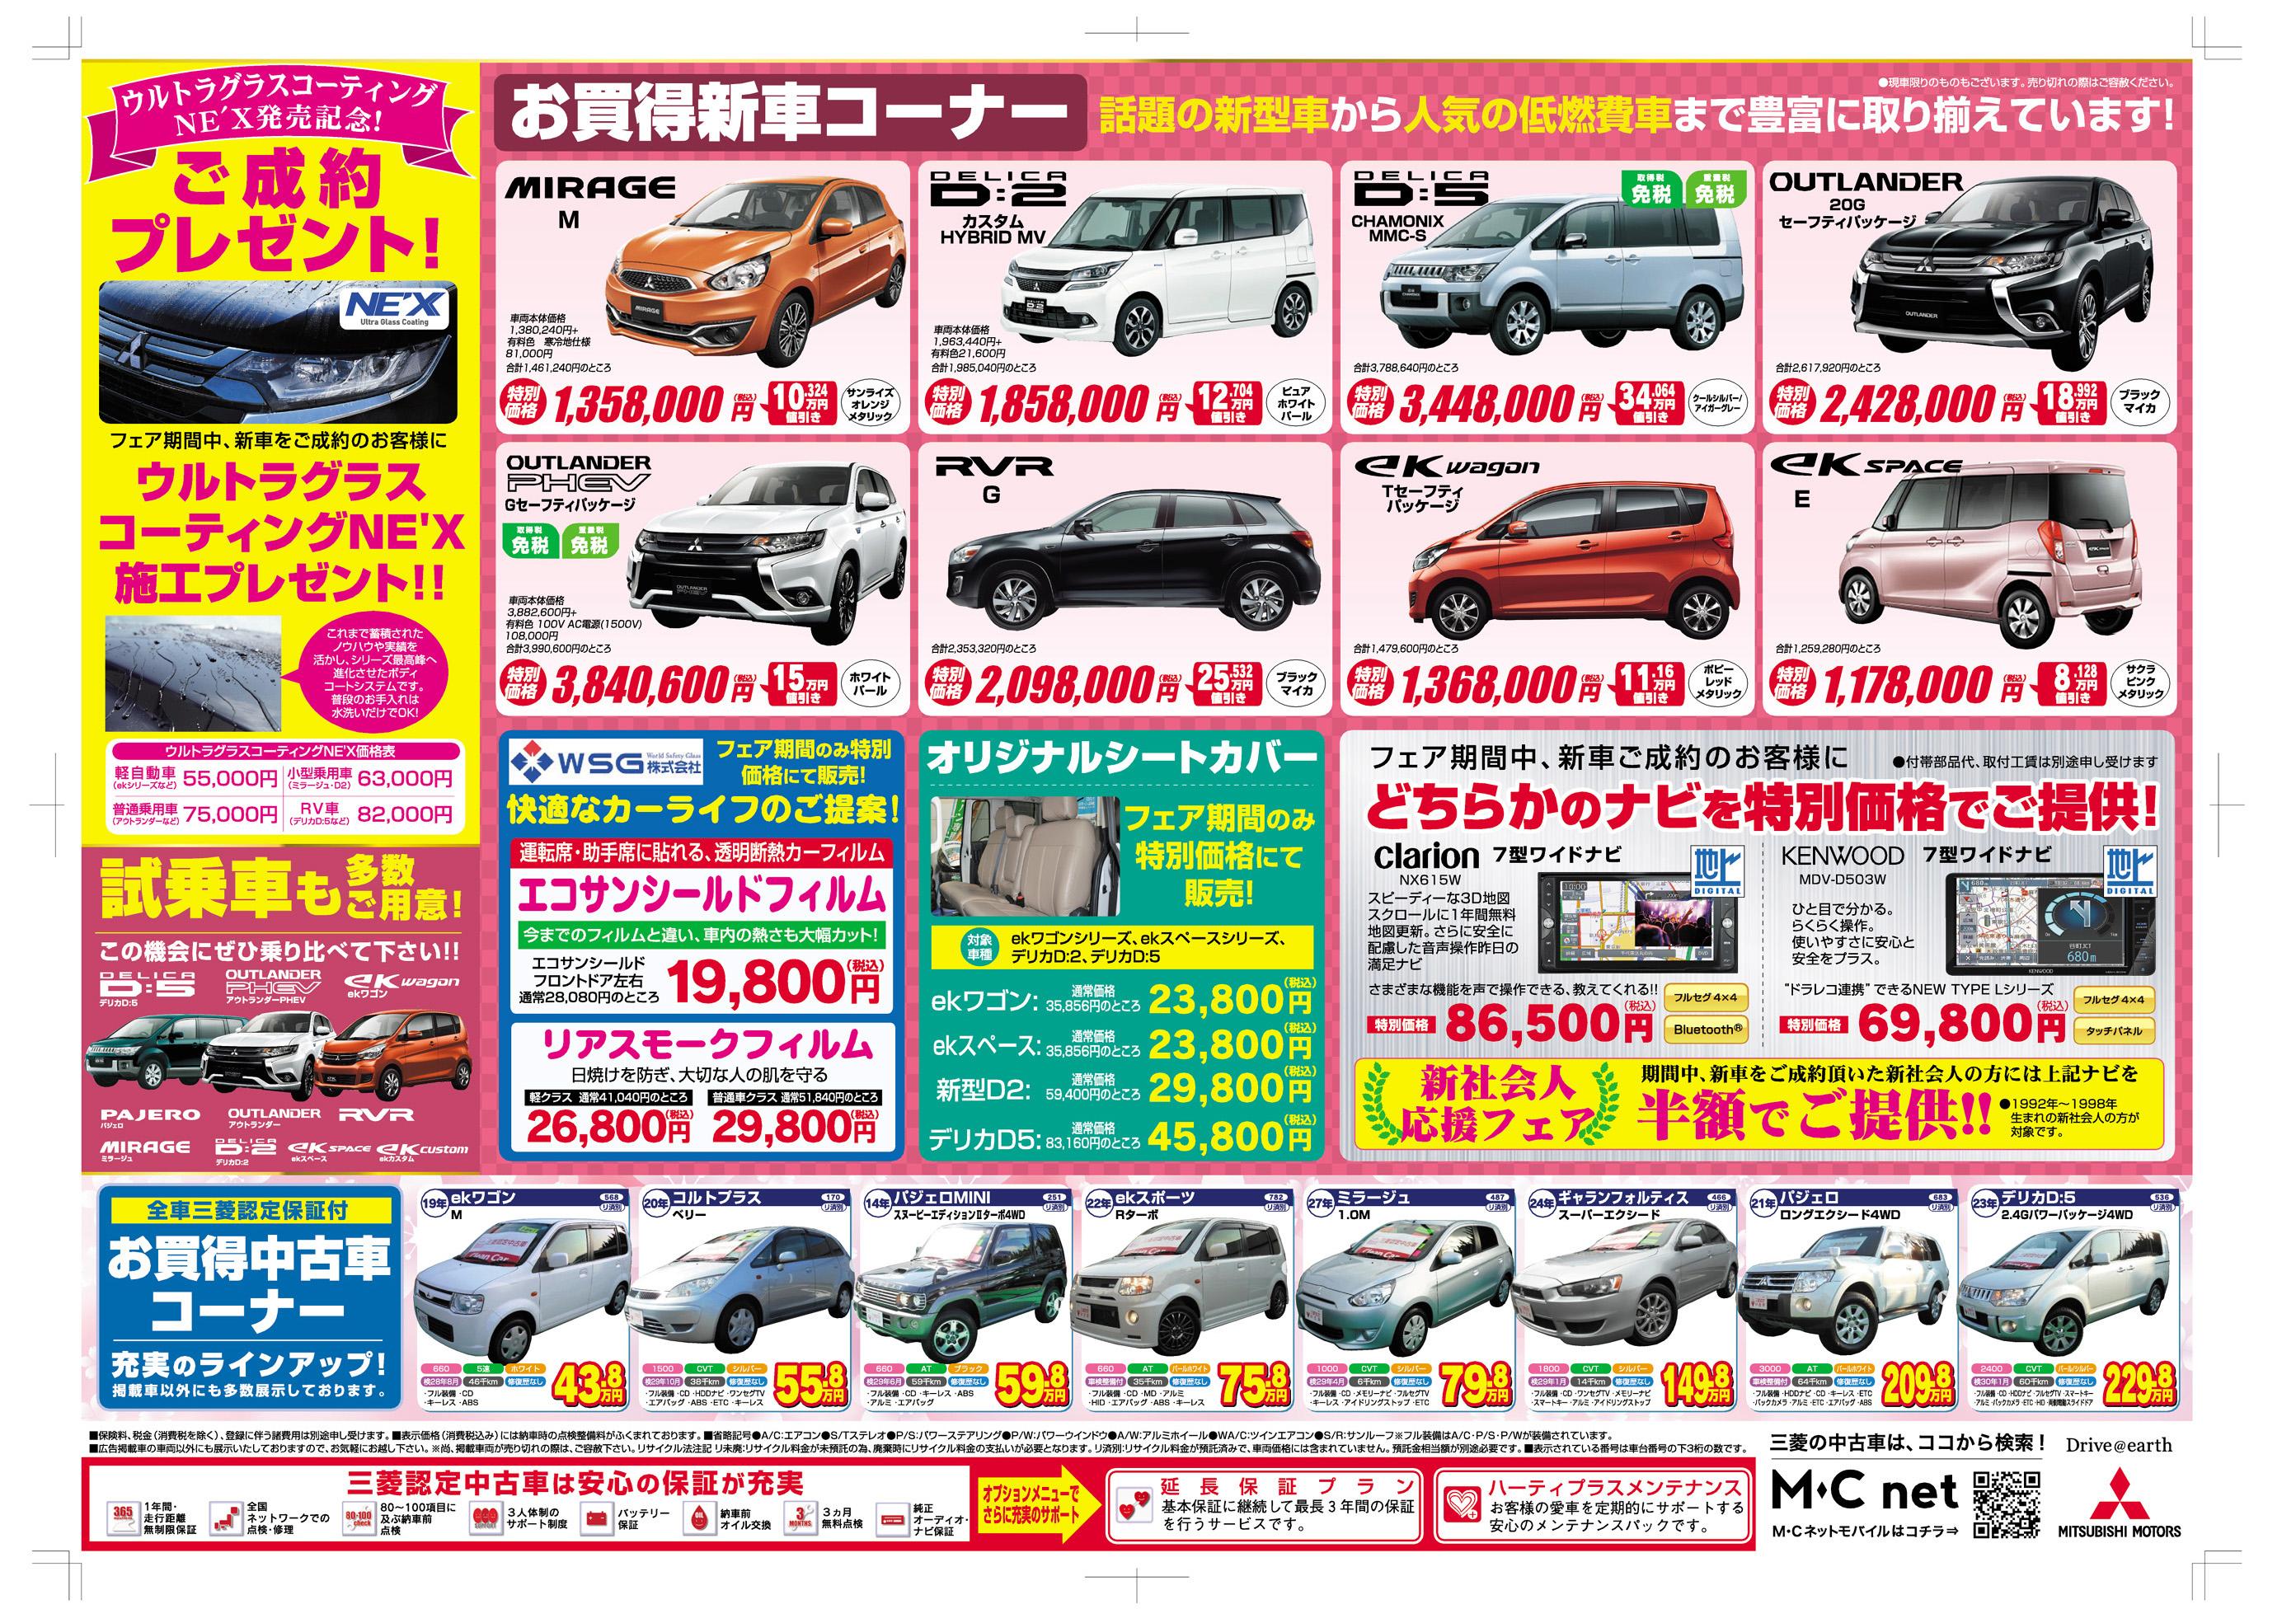 https://www.hyogo-mitsubishi.com/shop/kobekitamachi/files/07%E8%A3%8F.jpg